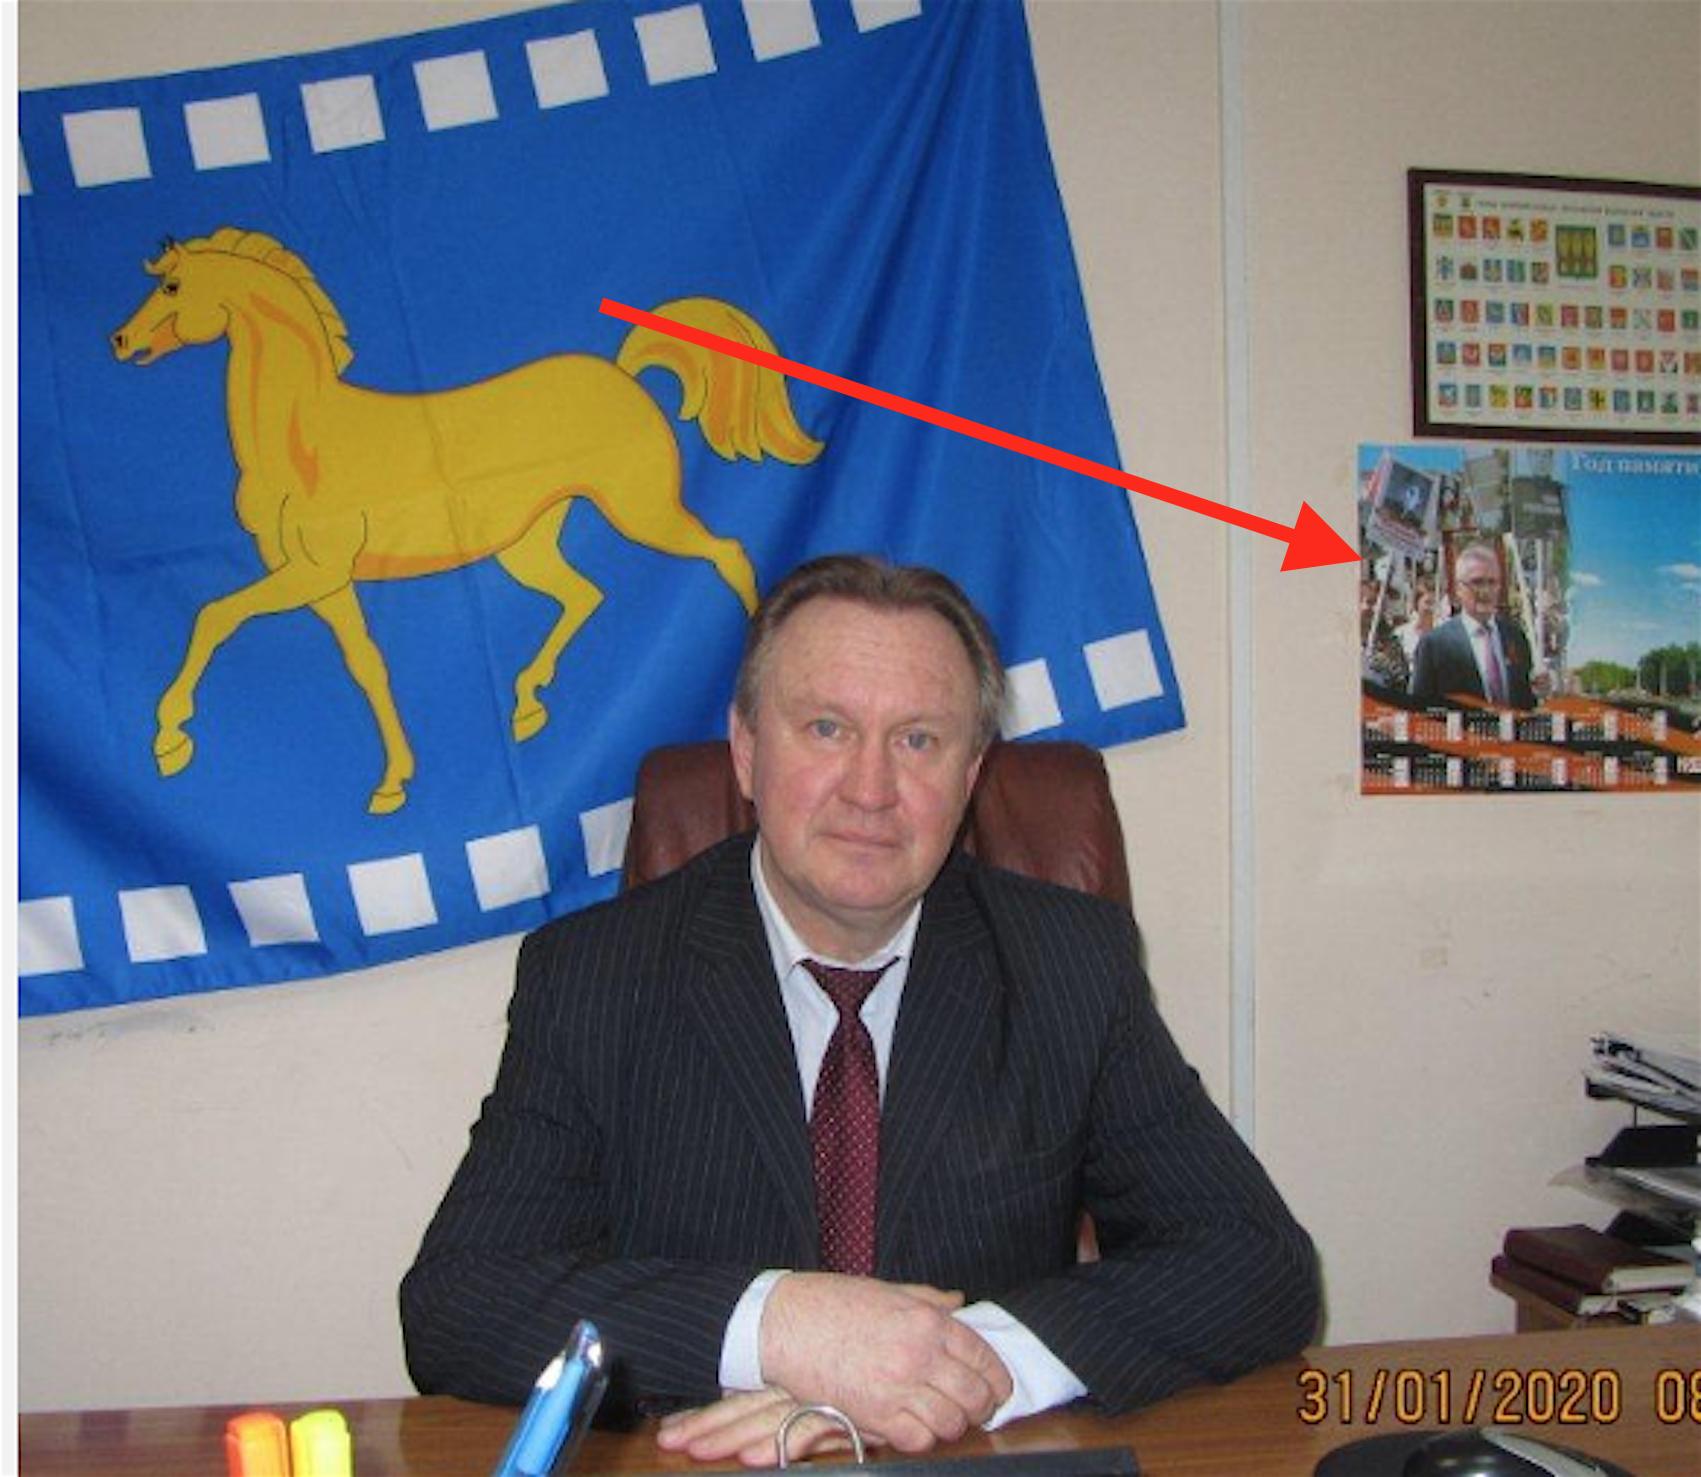 Глава Кондольского сельсовета Александр Грачев также продолжает служить Белозерцеву в СИЗО - фактчек